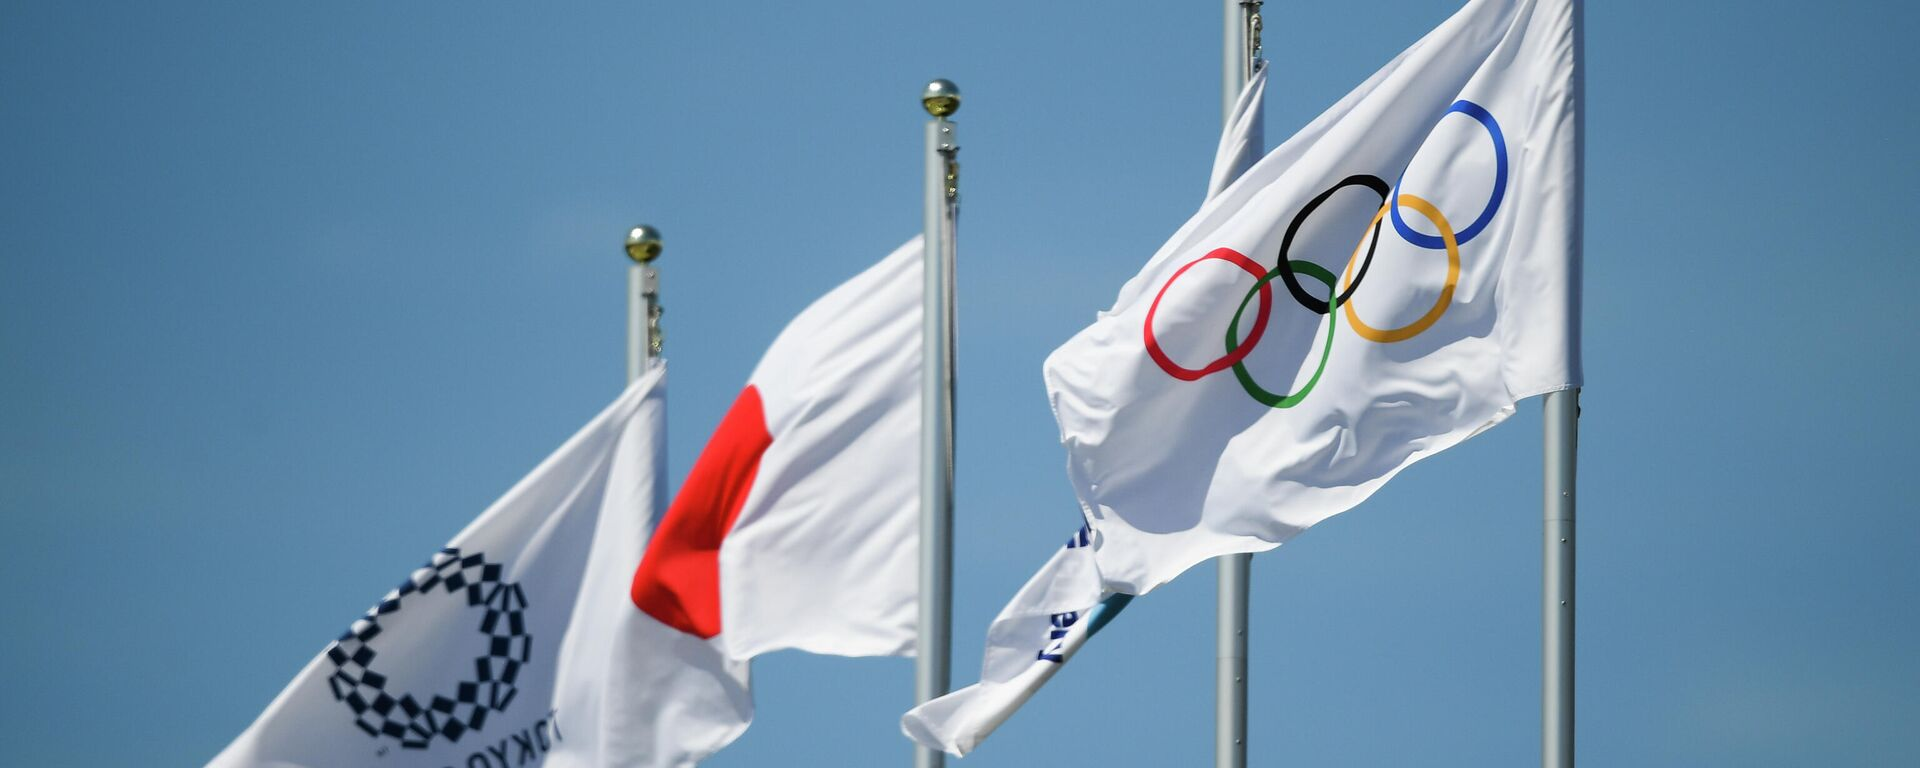 Токио накануне открытия Олимпийских игр - Sputnik Узбекистан, 1920, 23.07.2021